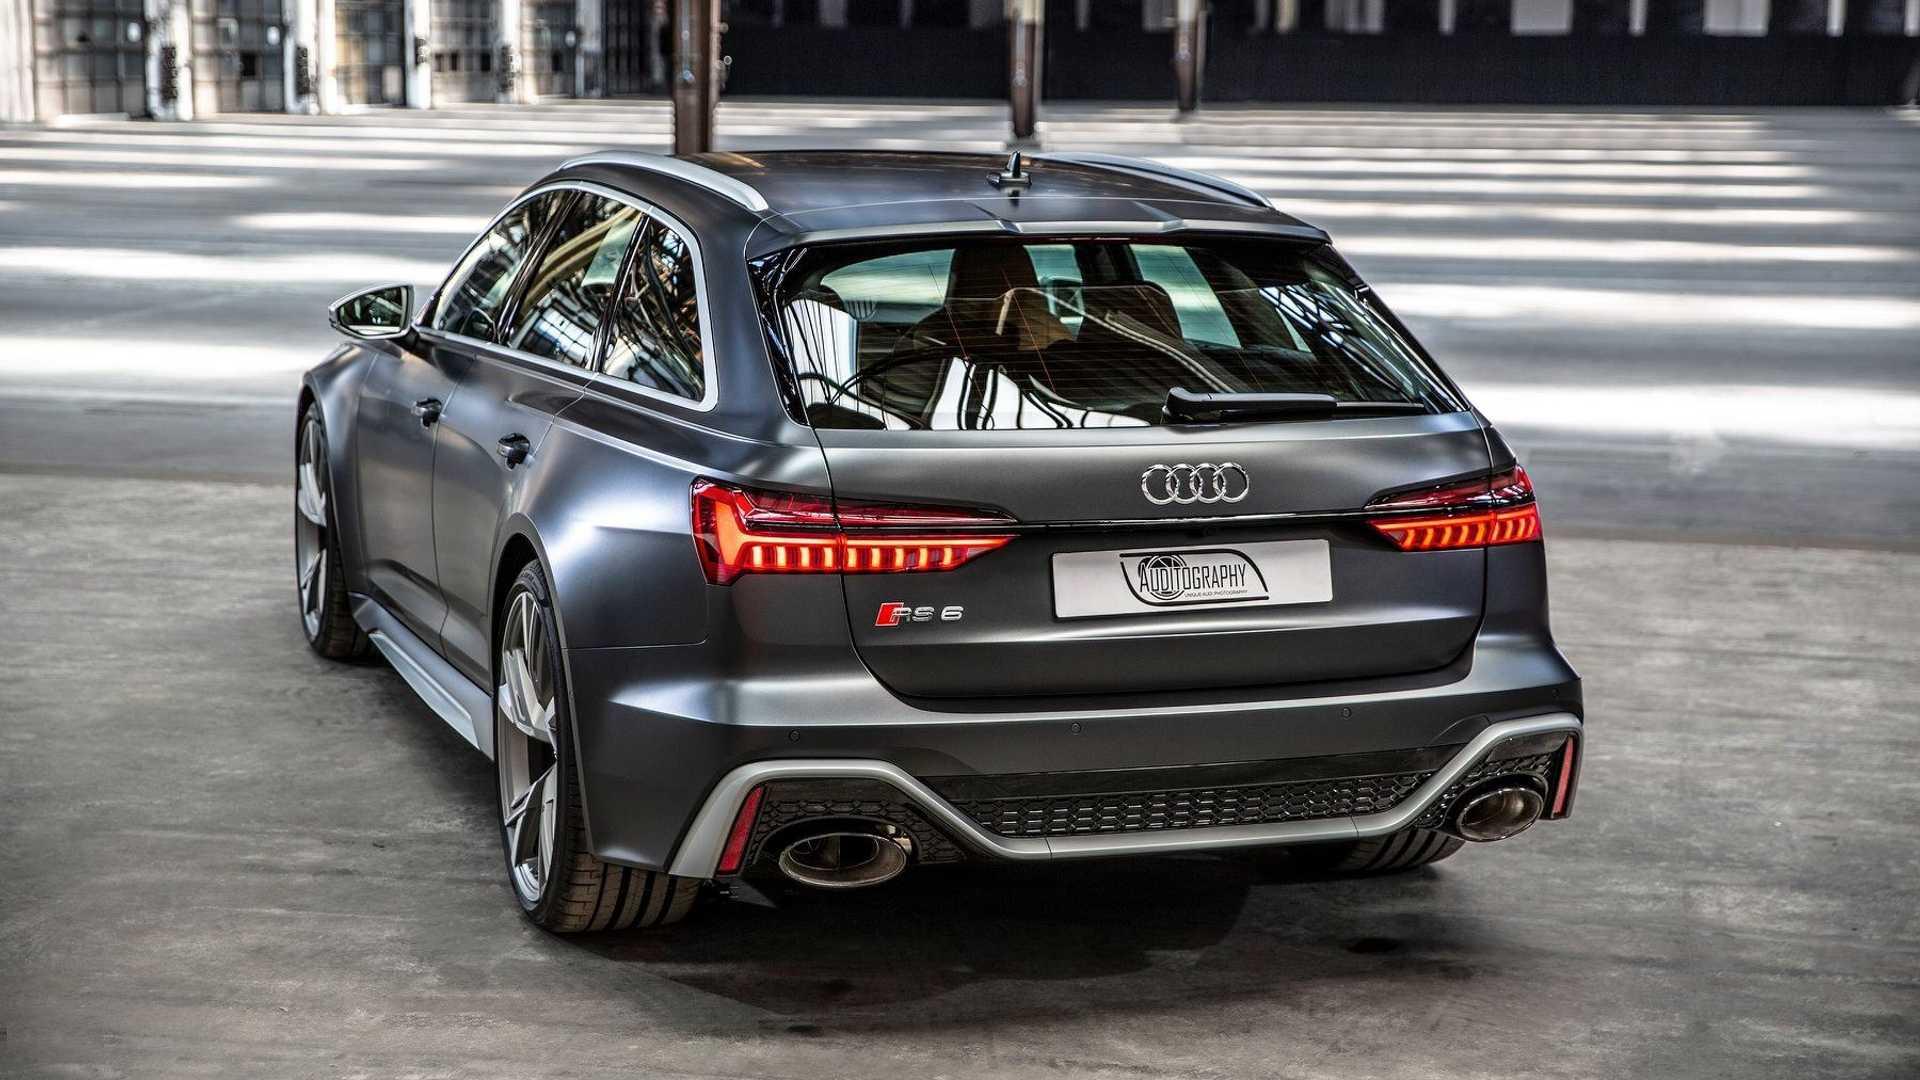 Audi RS6 Avant lần đầu ra mắt tại Mỹ kỷ niệm 25 năm dòng xe RS của Audi - 5